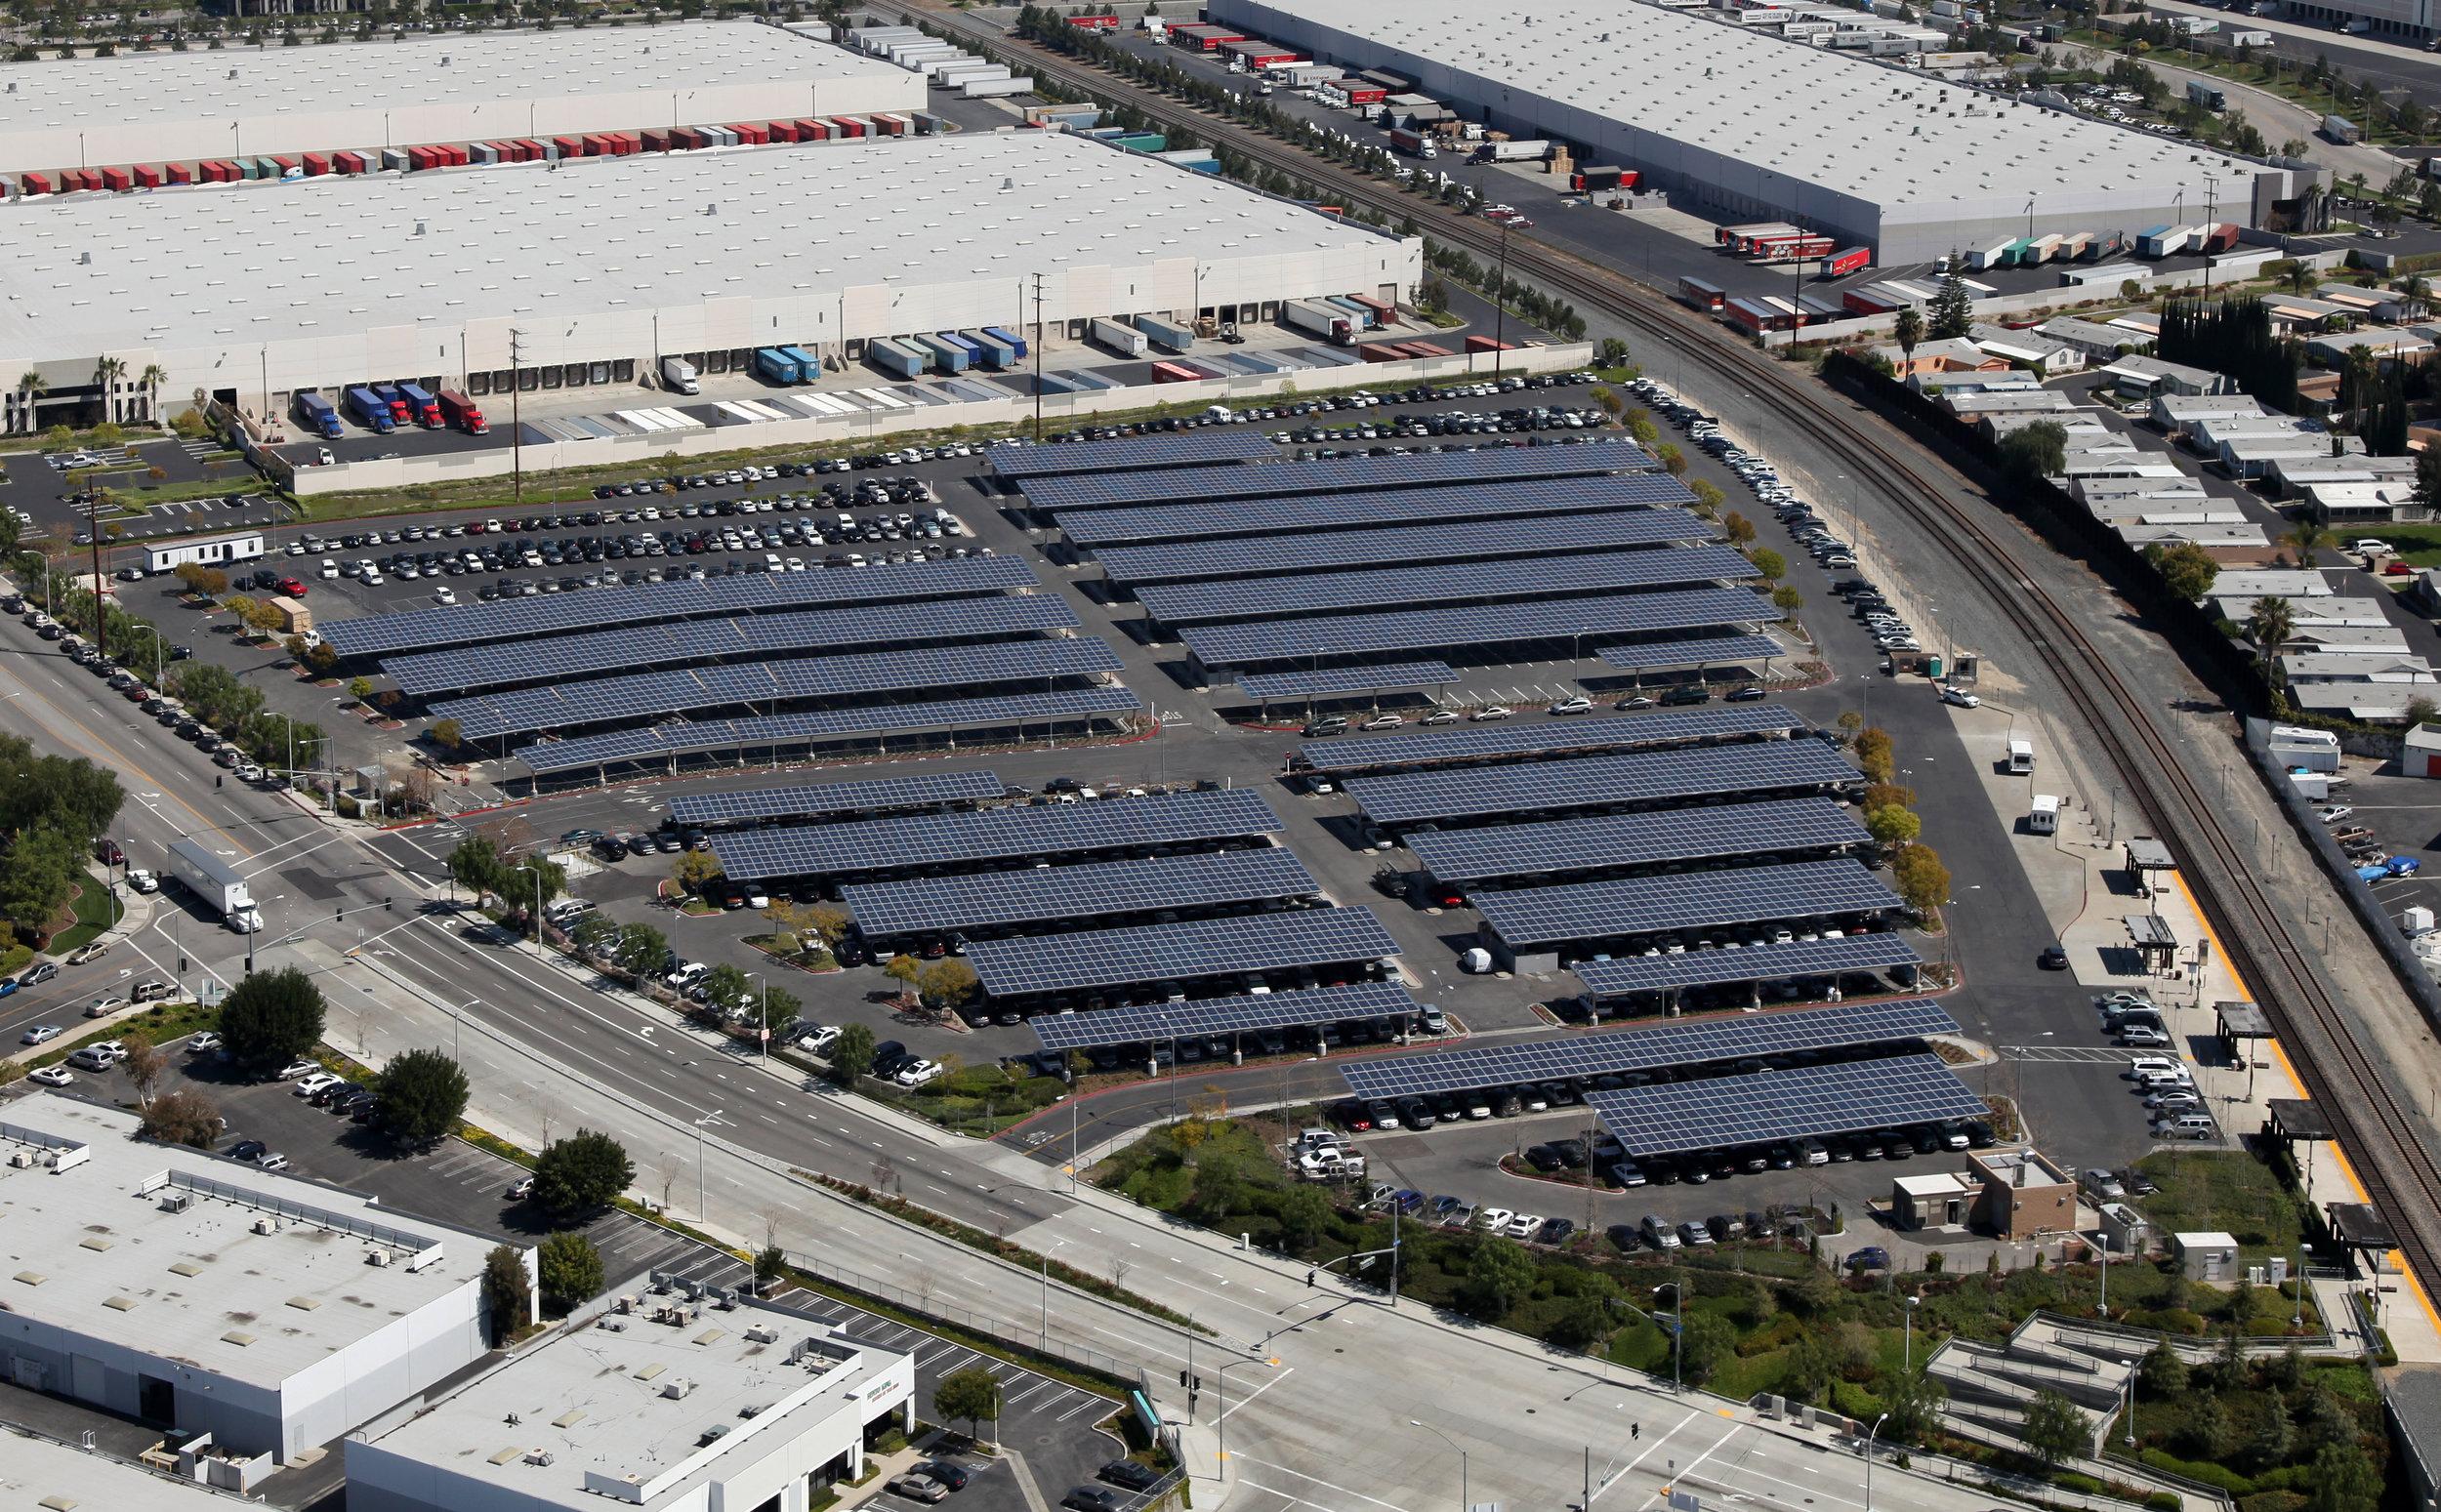 MetroLink Aerial.jpg